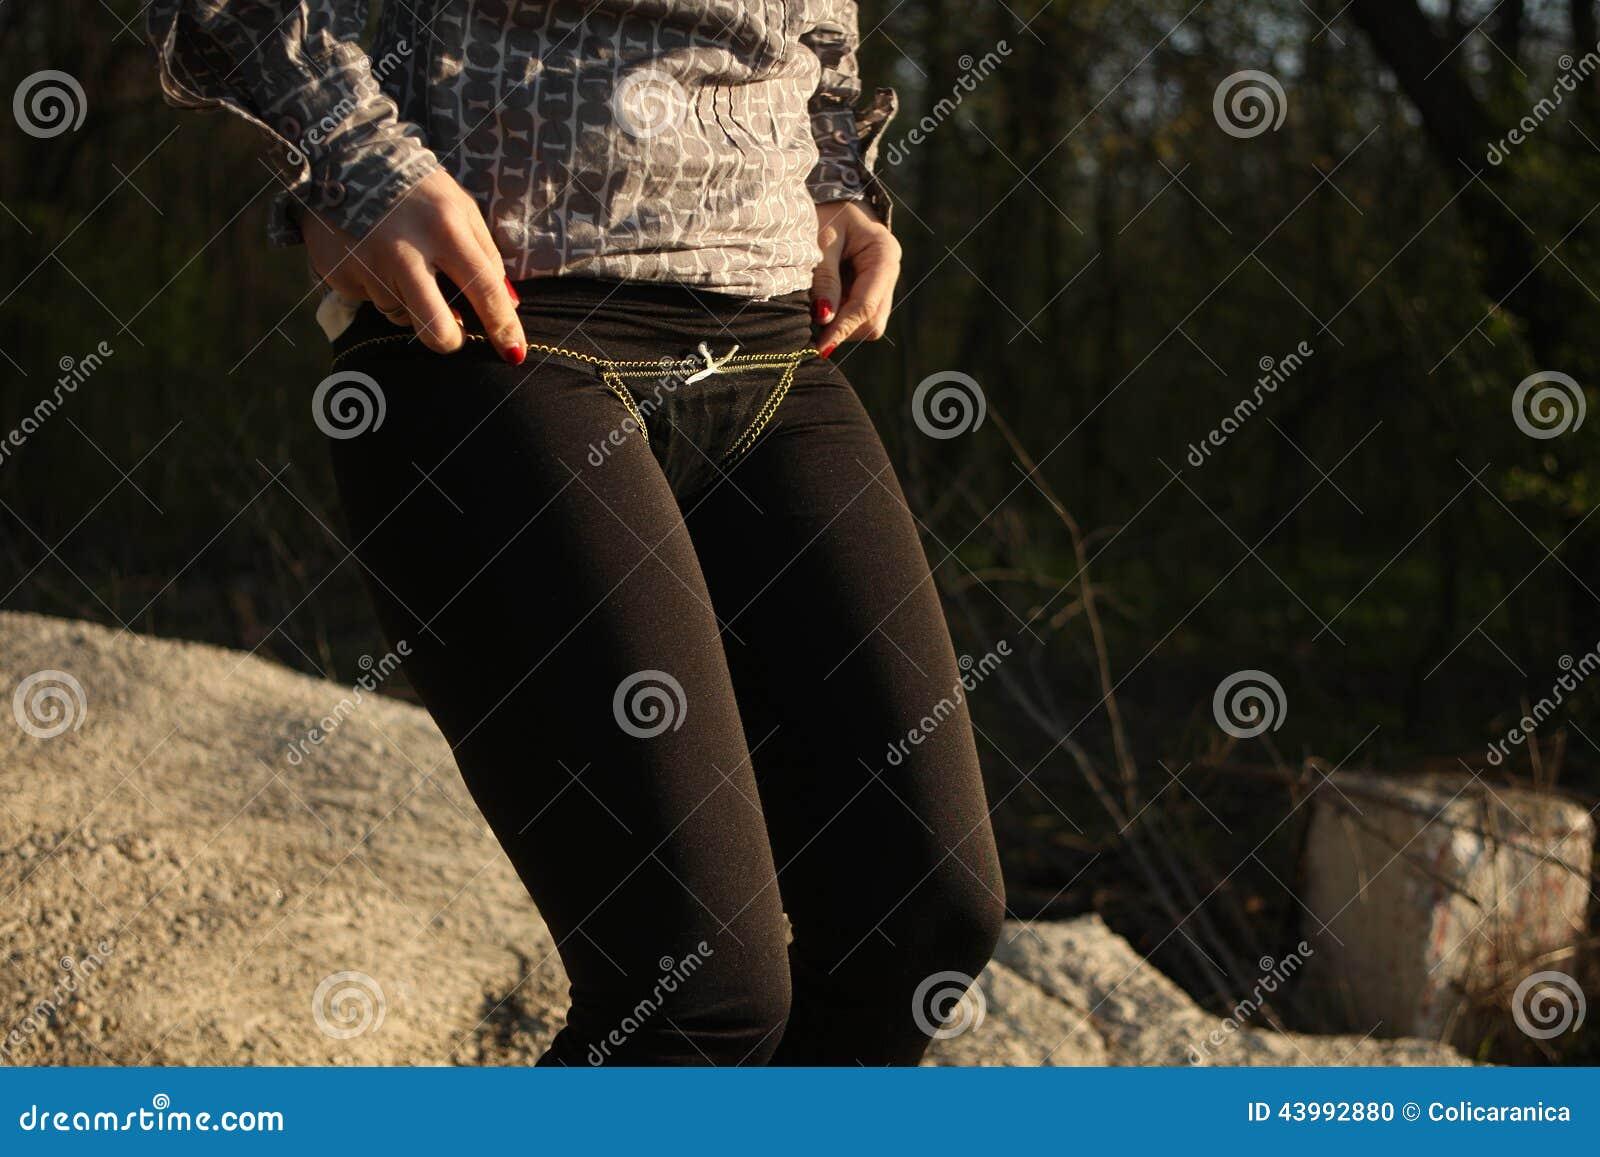 Чёрные трусы у девушек 7 фотография